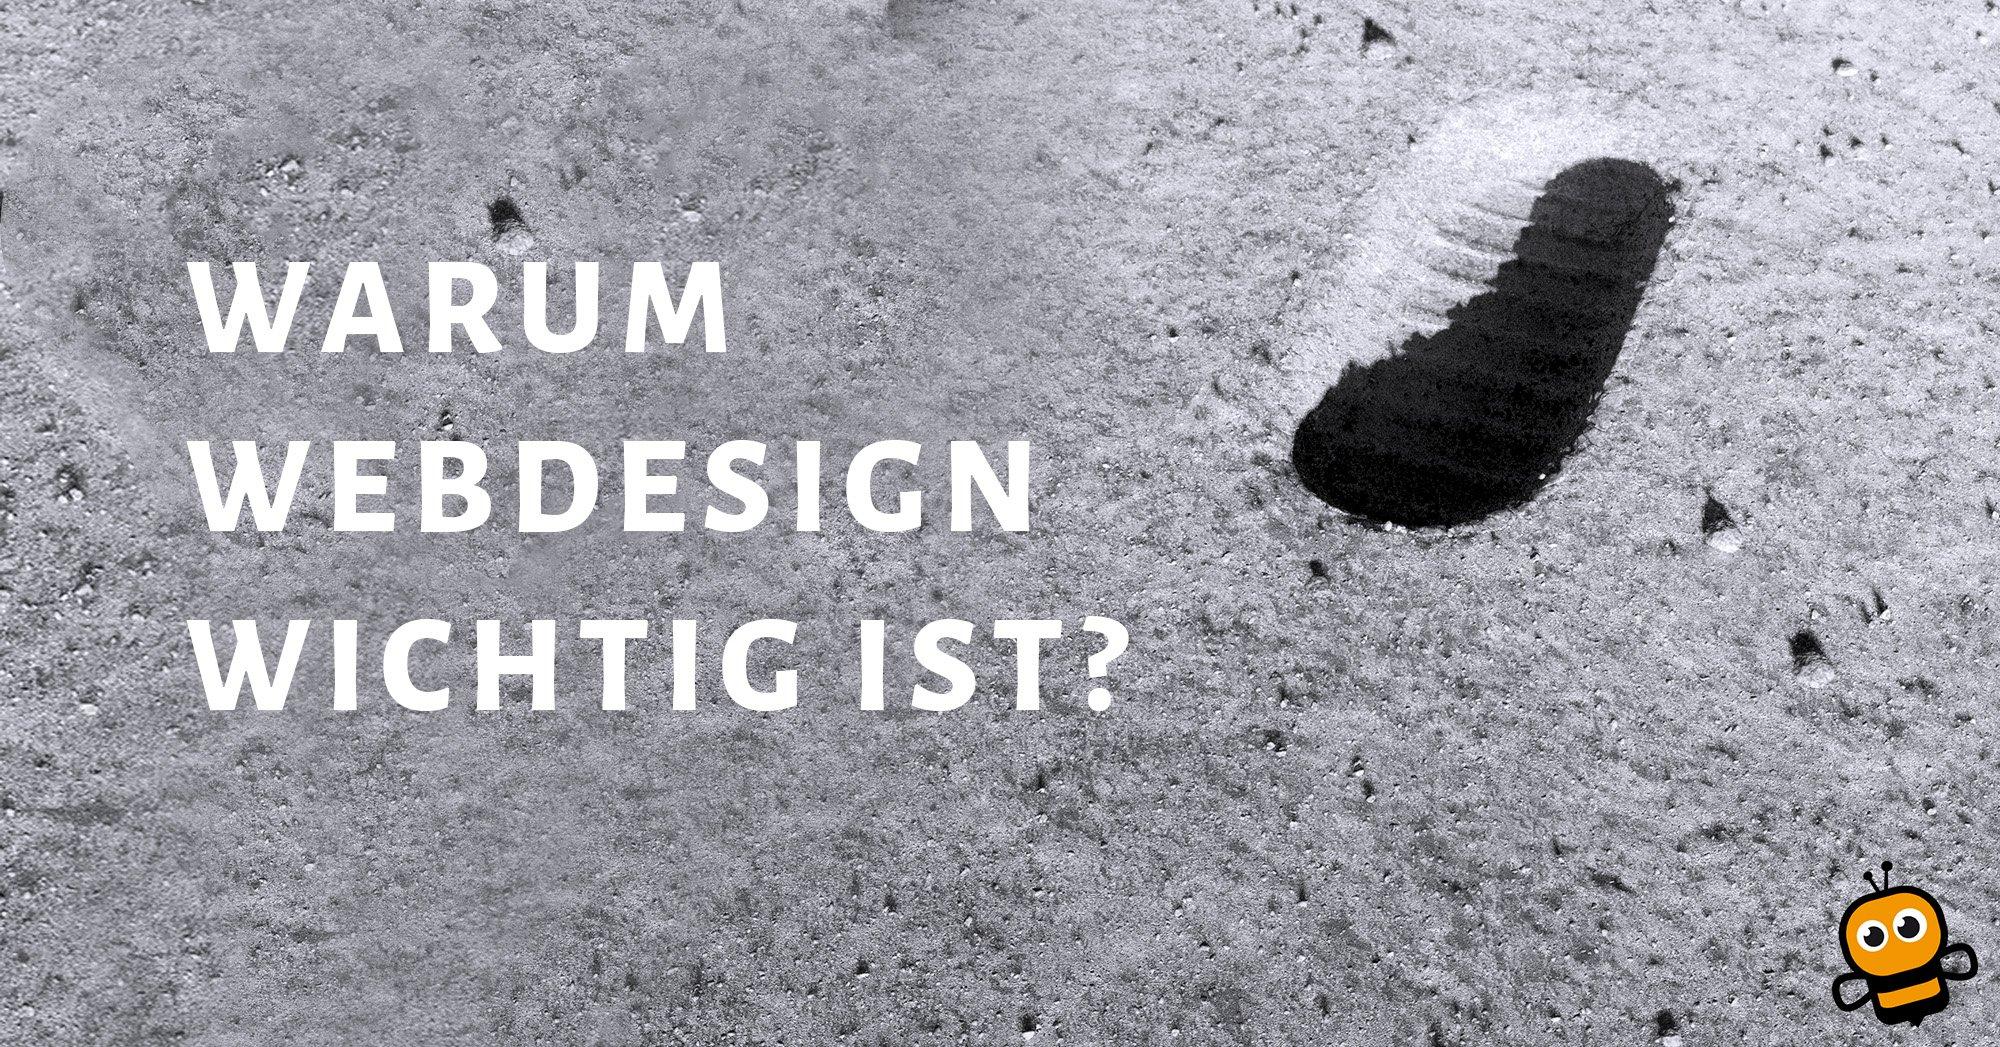 warum webdesign wichtig ist